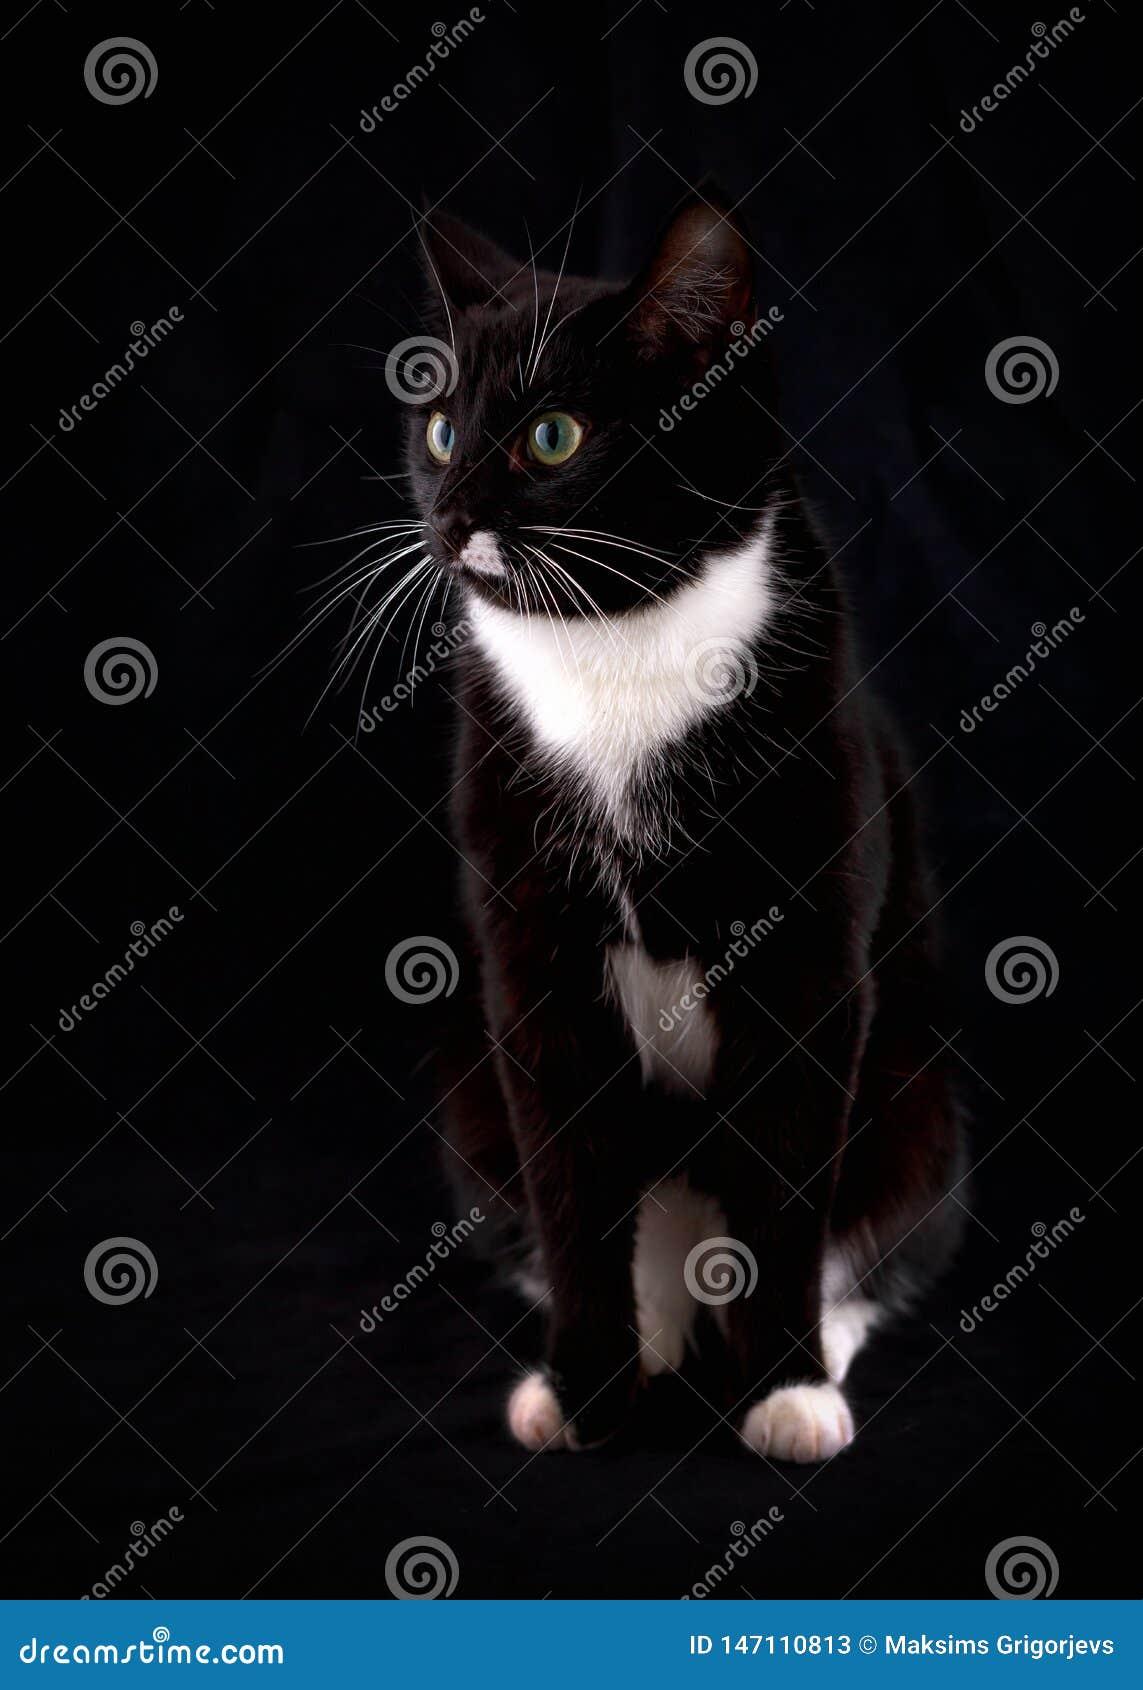 Retrato de um gato preto com olhos verdes e um jab? branco